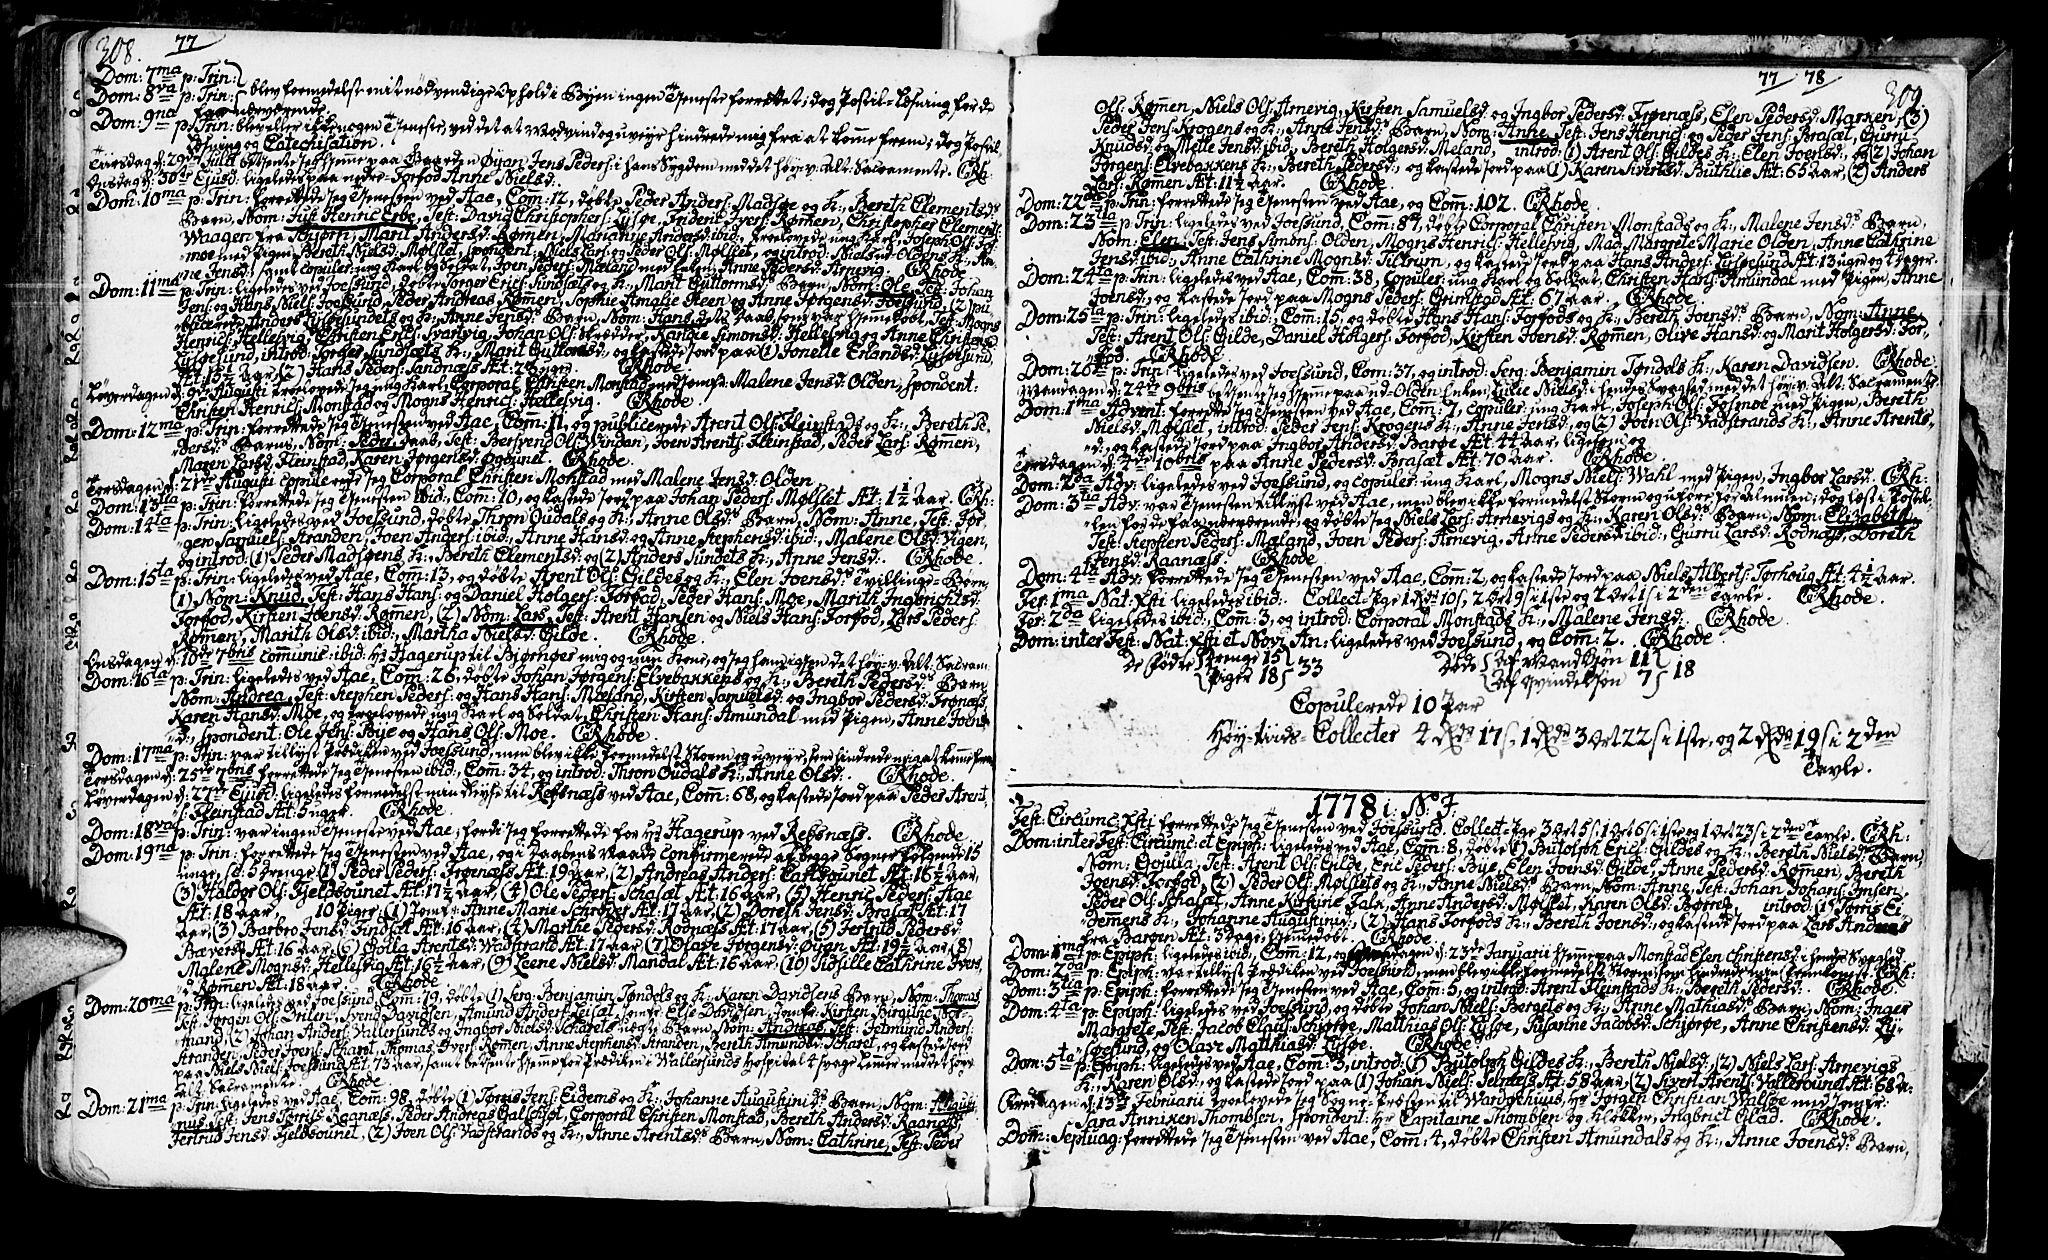 SAT, Ministerialprotokoller, klokkerbøker og fødselsregistre - Sør-Trøndelag, 655/L0672: Ministerialbok nr. 655A01, 1750-1779, s. 308-309